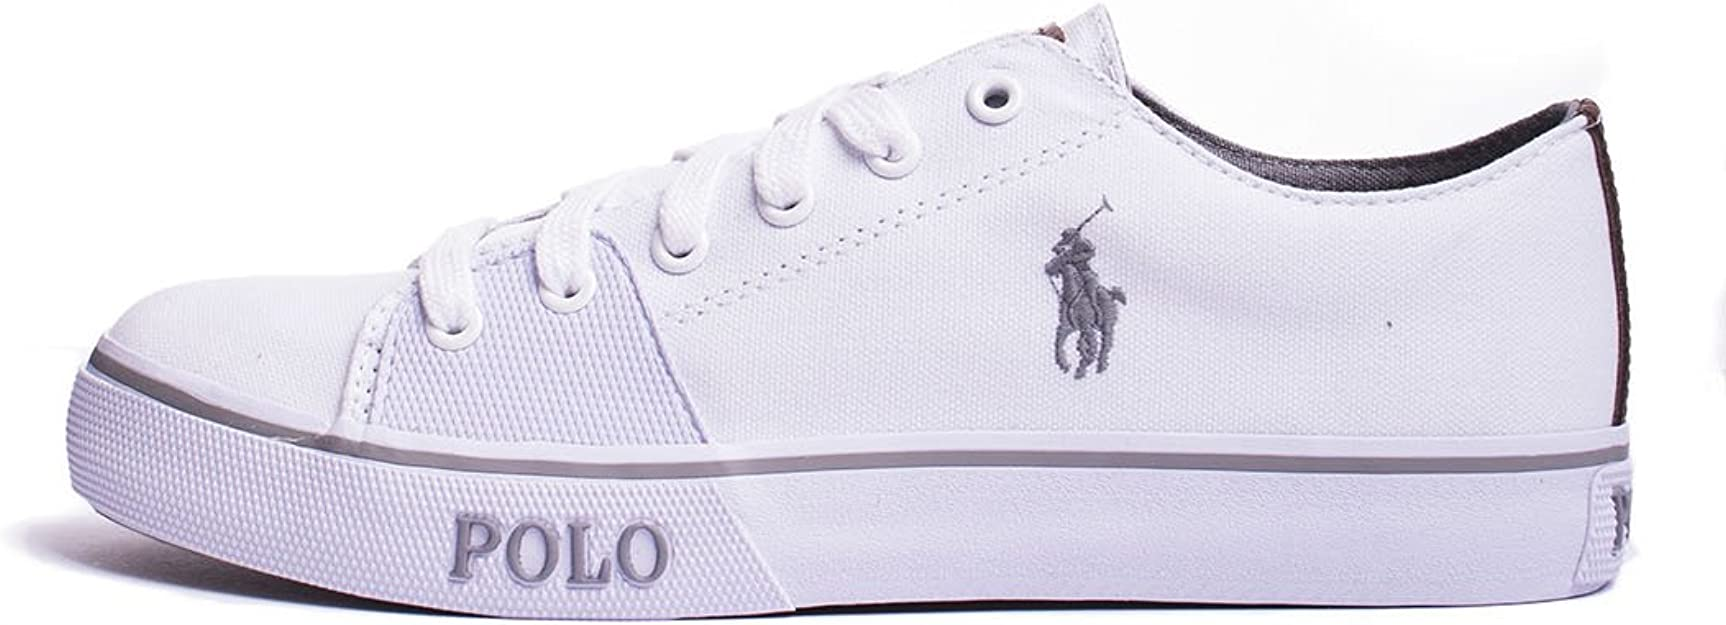 Polo Ralph Lauren Hombre Sneakers